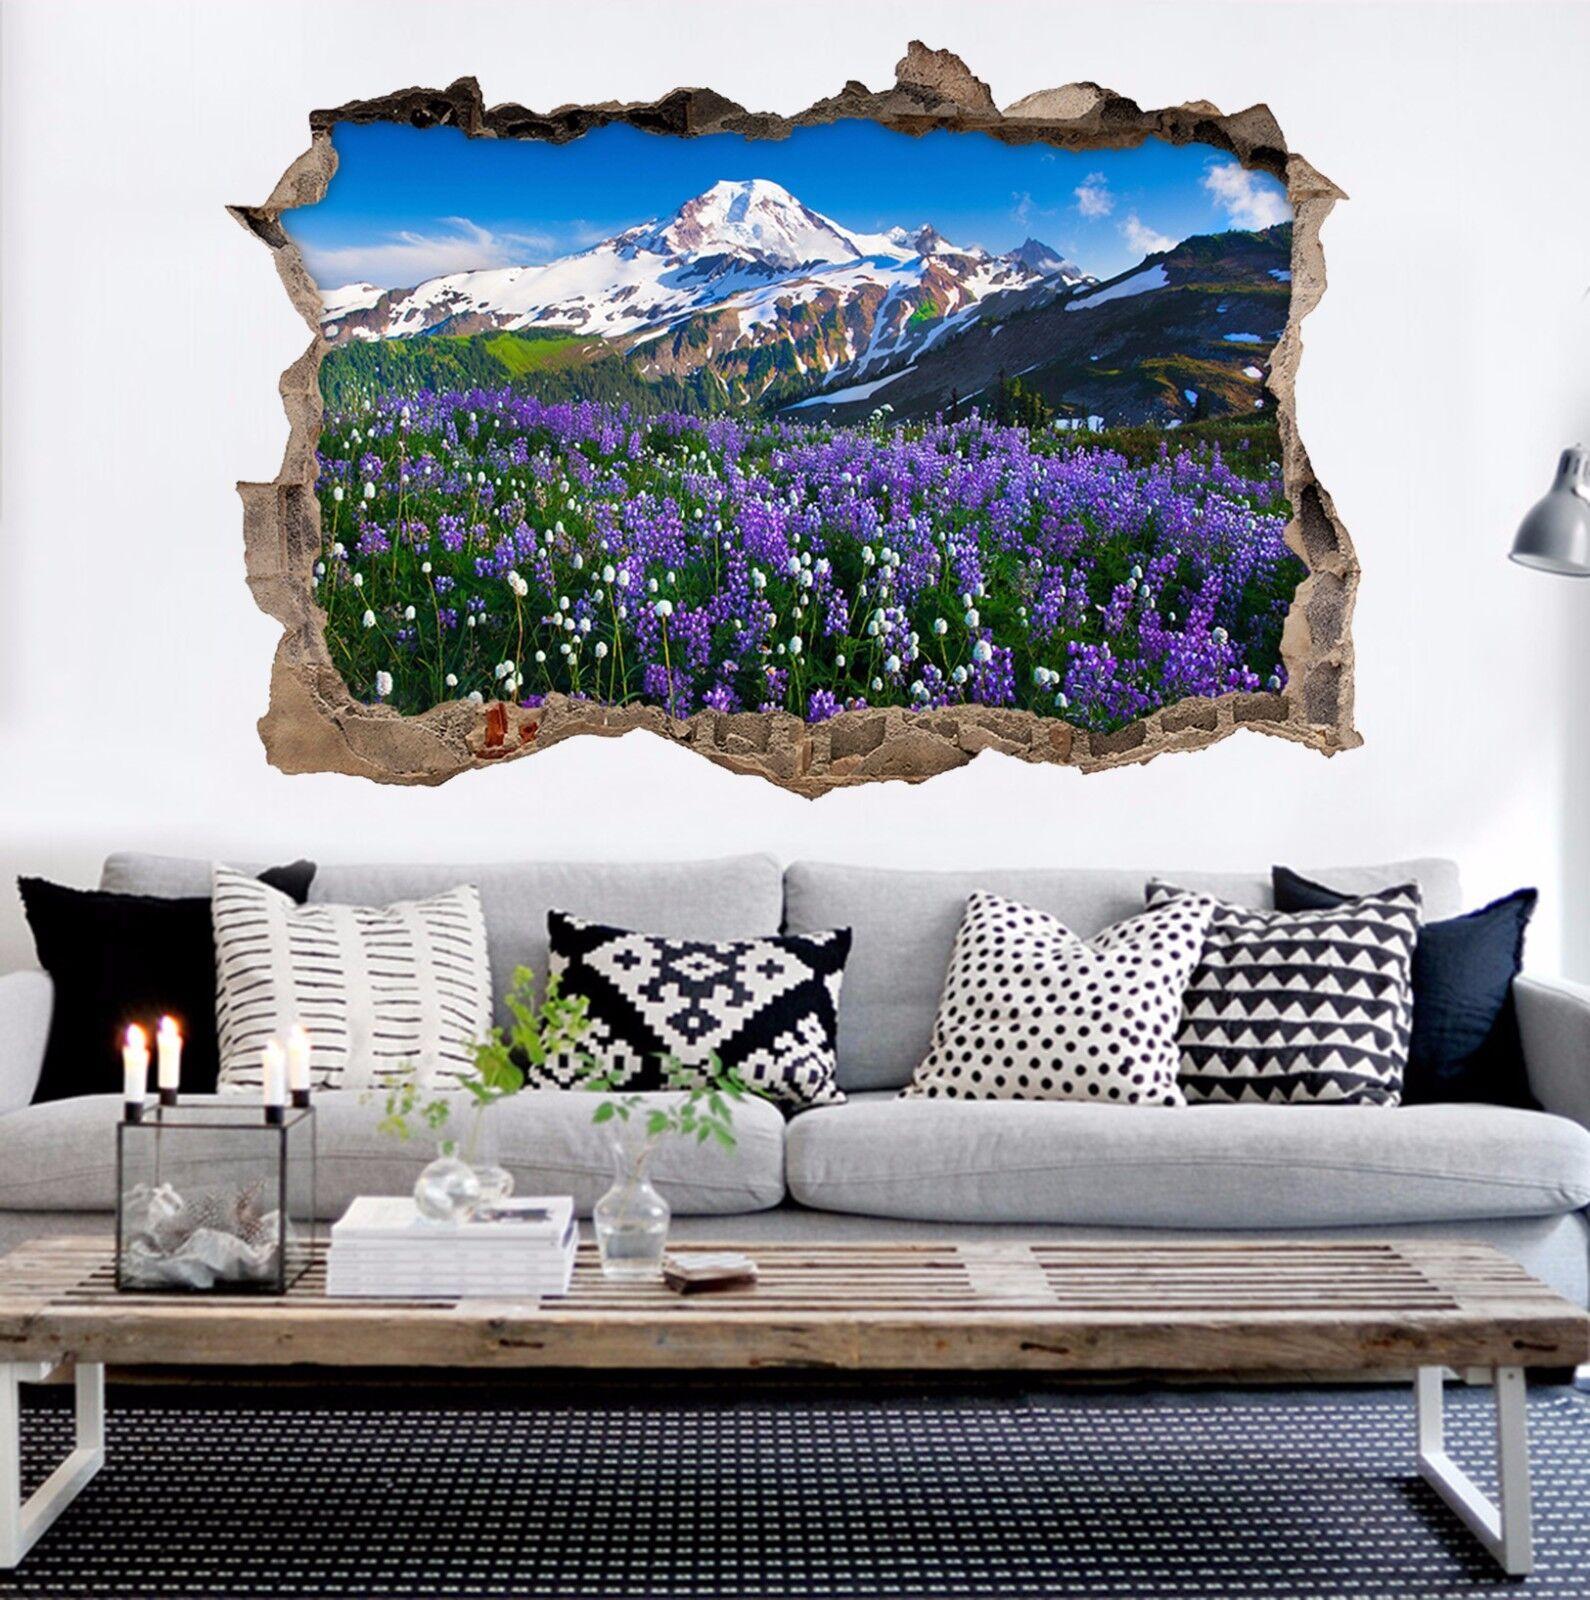 3D Lavender Berg 74 Mauer Murals Mauer Aufklebe Decal Durchbruch AJ WALLPAPER DE